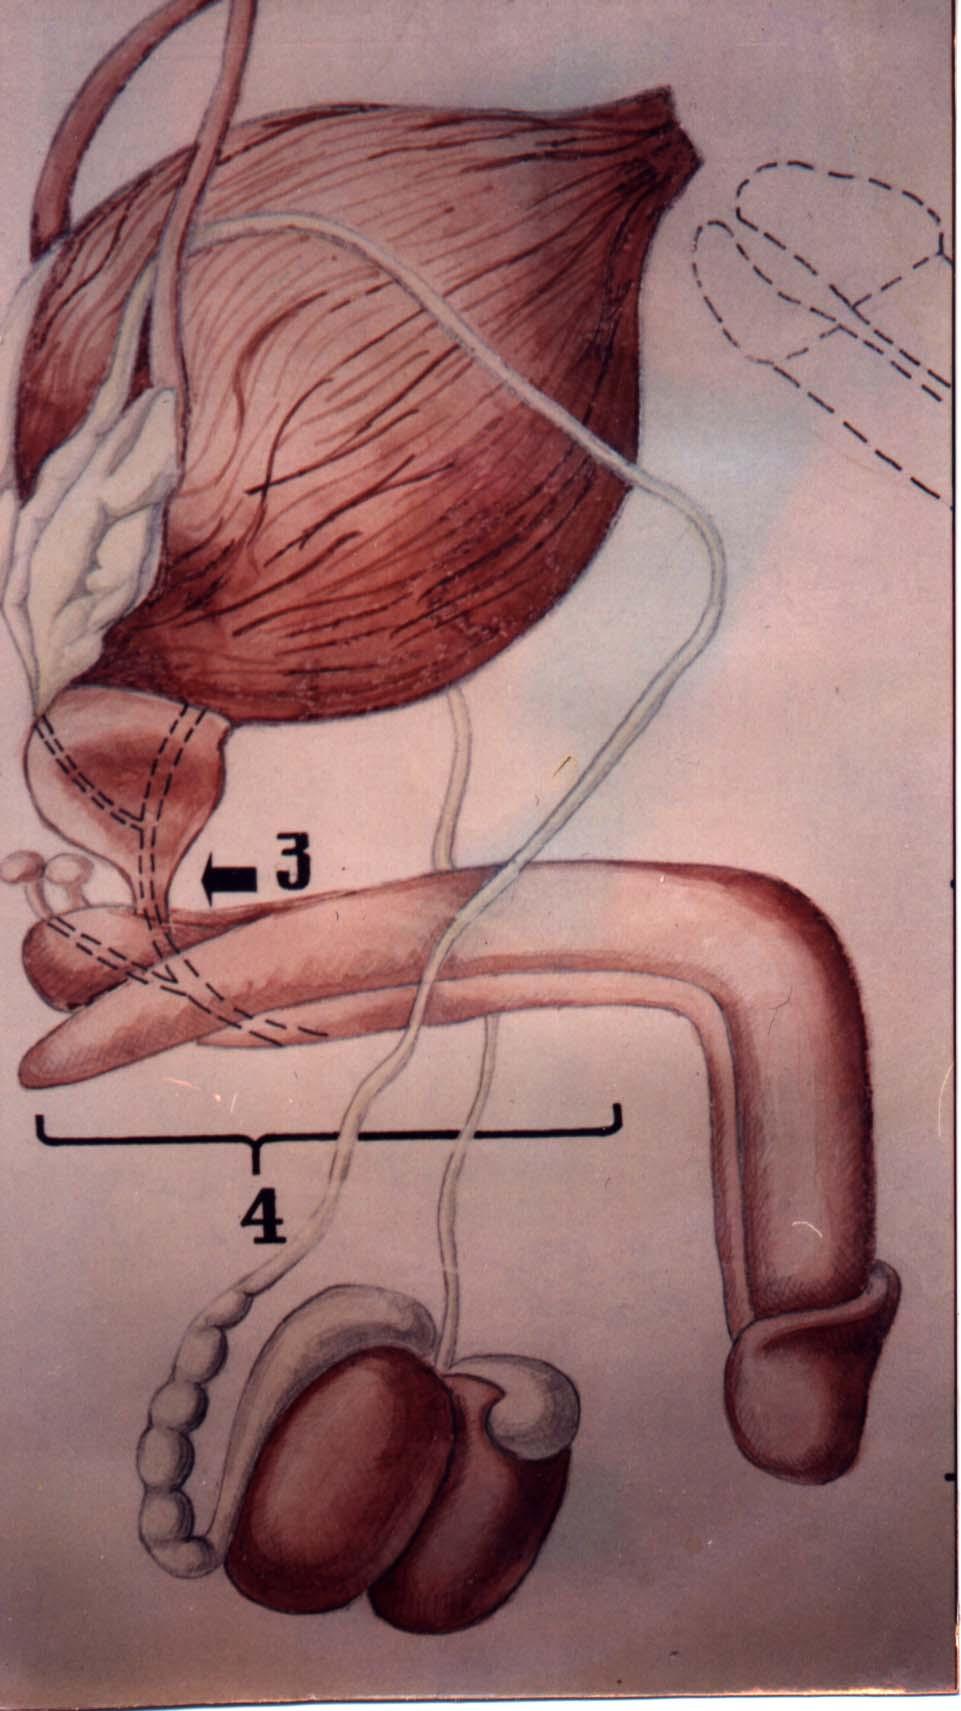 Размеры половых органов фото 9 фотография